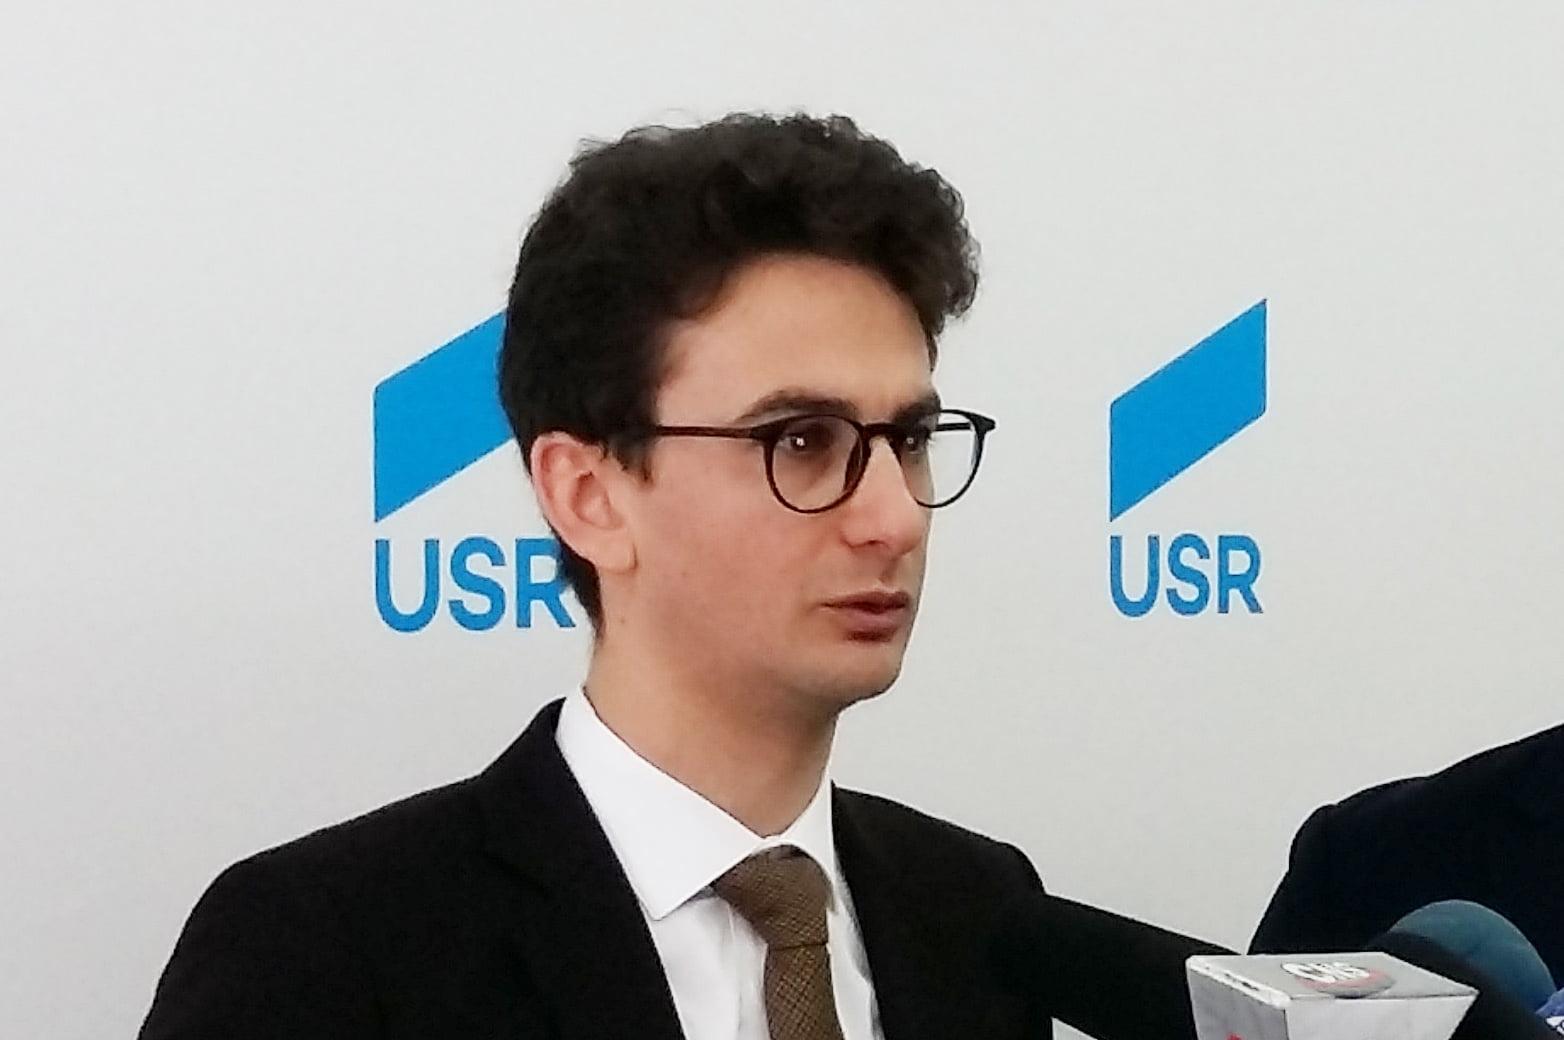 Deputatul USR Iulian Bulai a interpelat Ministerul Sănătății cu privire la supraaglomerarea Secției de Pneumologie a Spitalului Roman